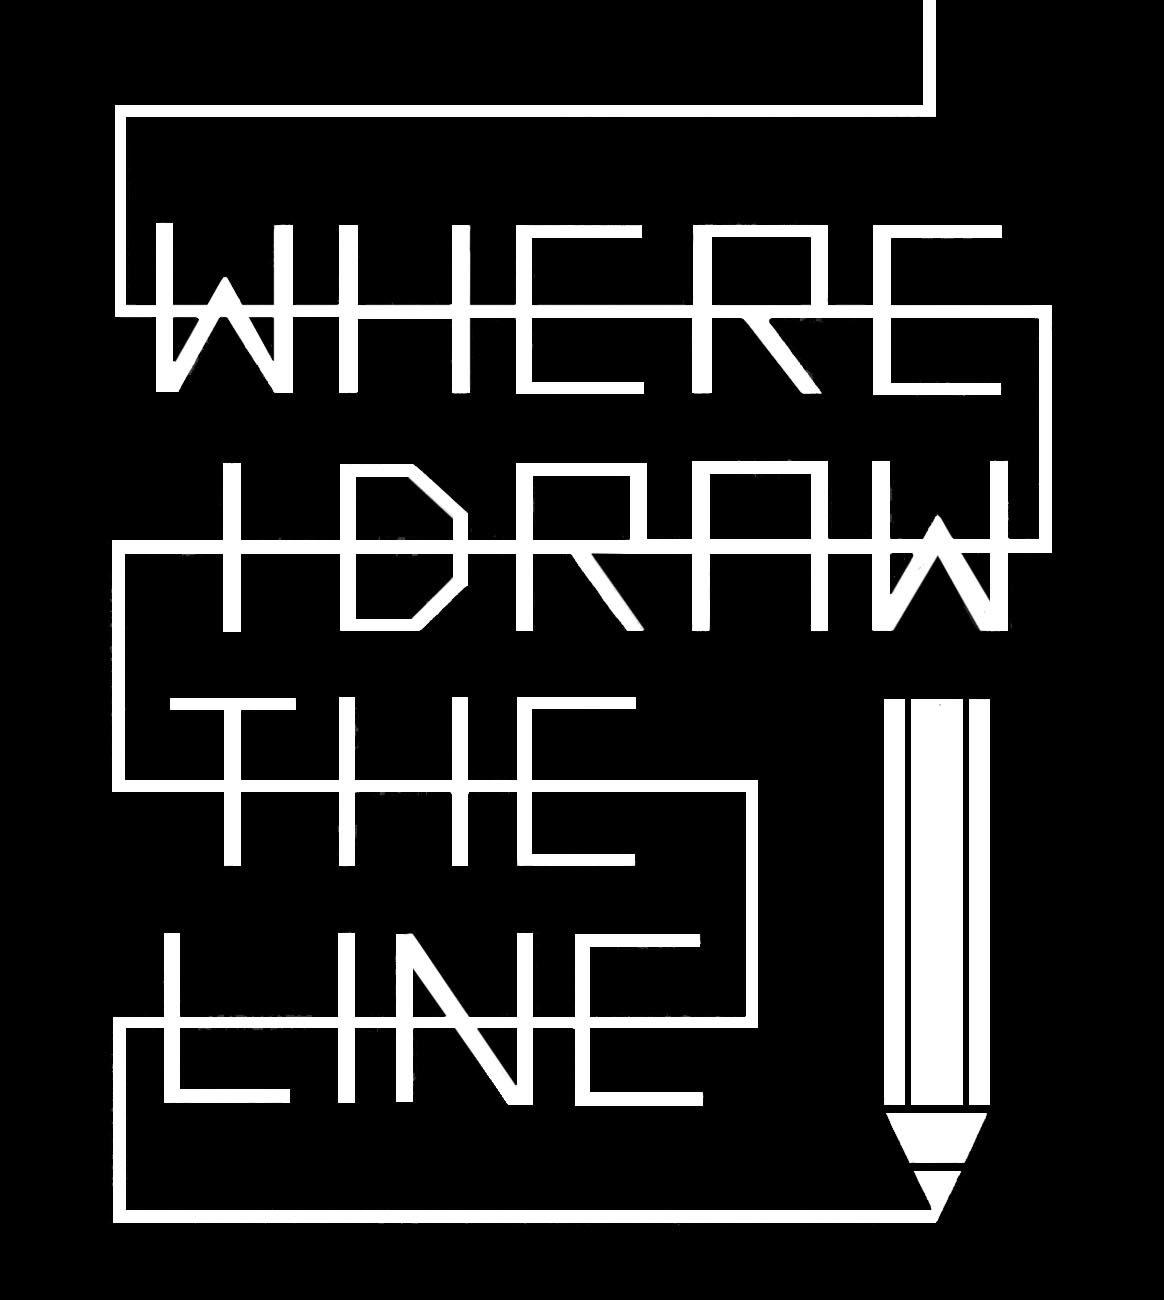 WHERE I DRAW THE LINE